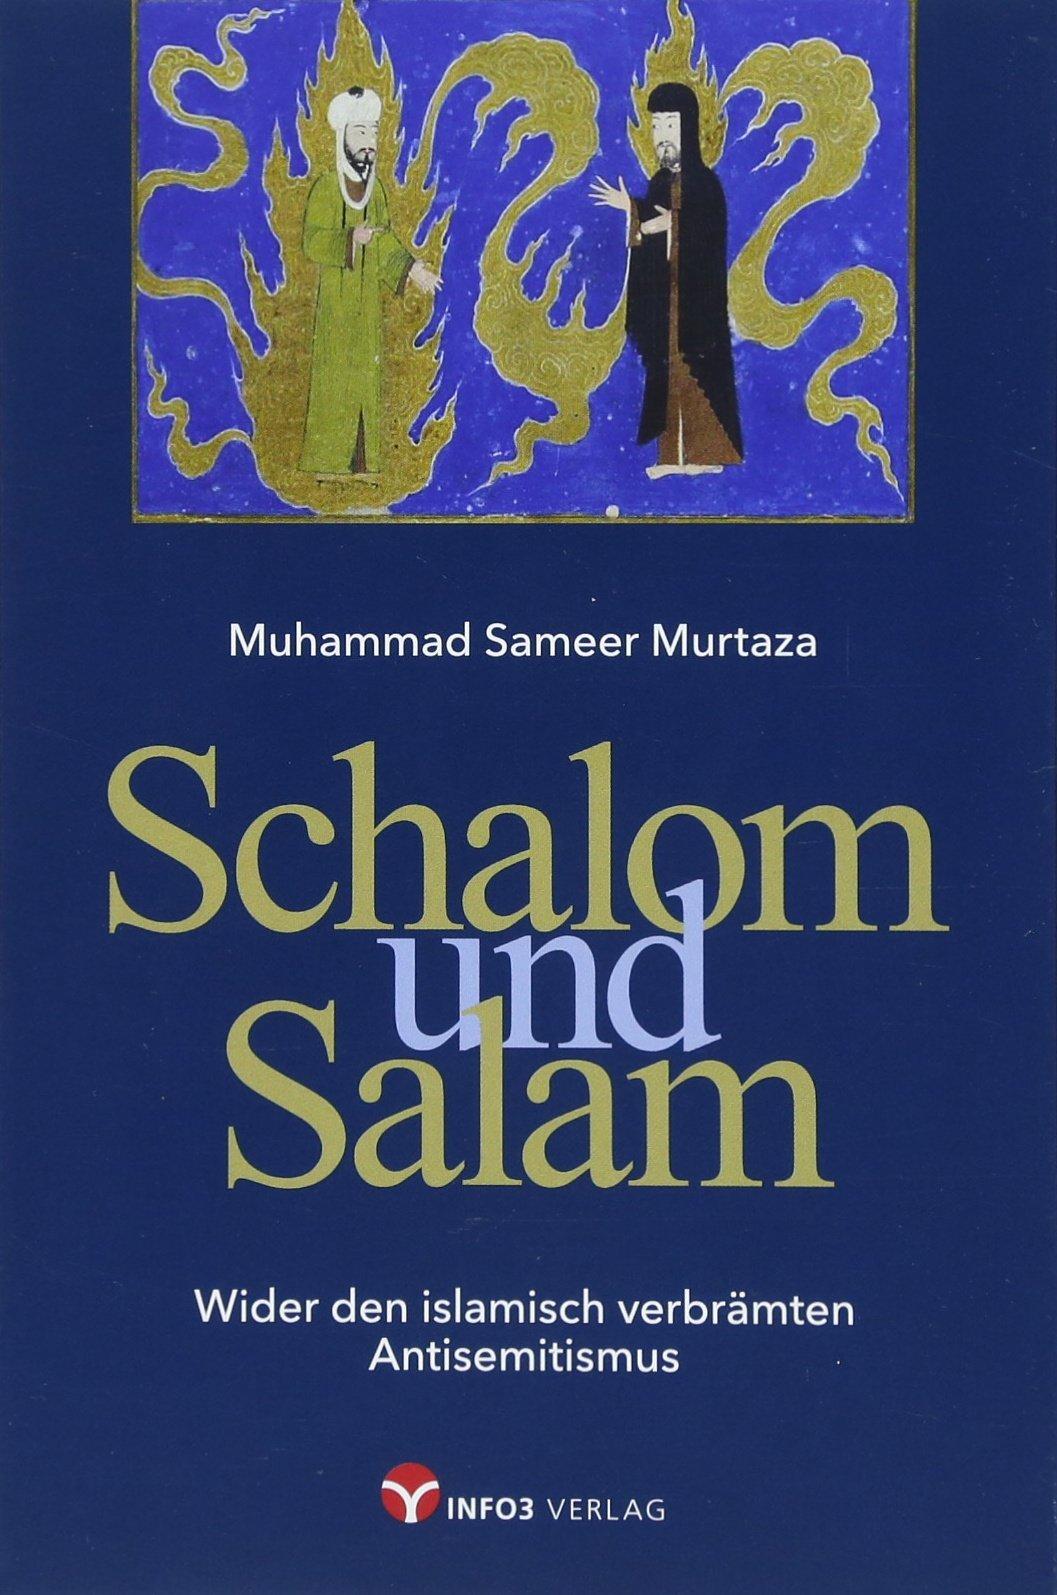 Schalom und Salam: Wider den islamisch verbrämten Antisemitismus Taschenbuch – 7. Mai 2018 Muhammad Sameer Murtaza Info 3 3957790859 Bildung / Politische Bildung